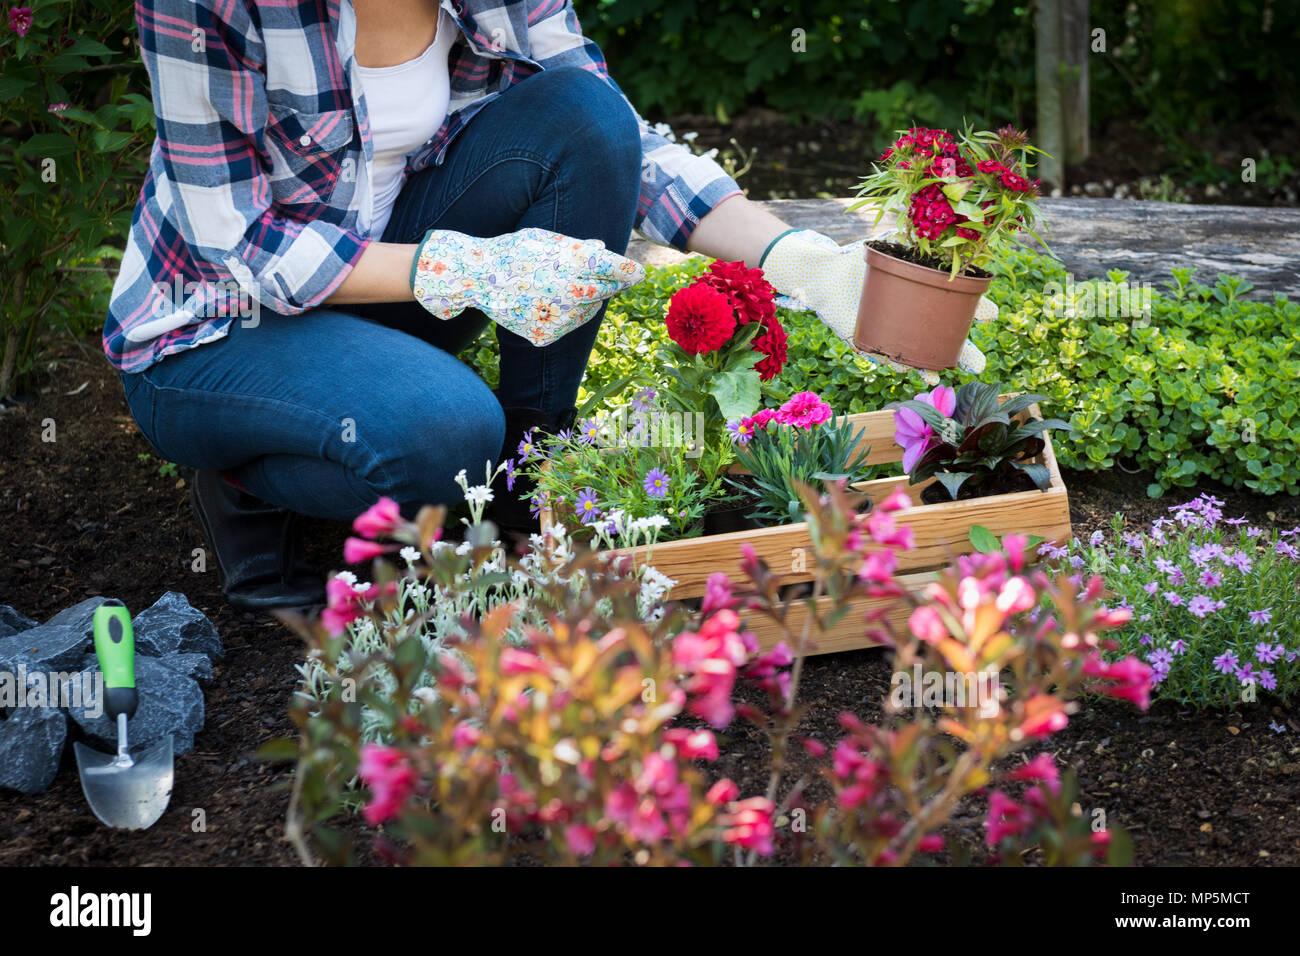 Méconnaissable jardinier femelle holding belle fleur prêts à être plantés dans un jardin. Concept de jardinage. Aménagement paysager jardin démarrage d'entreprise. Photo Stock